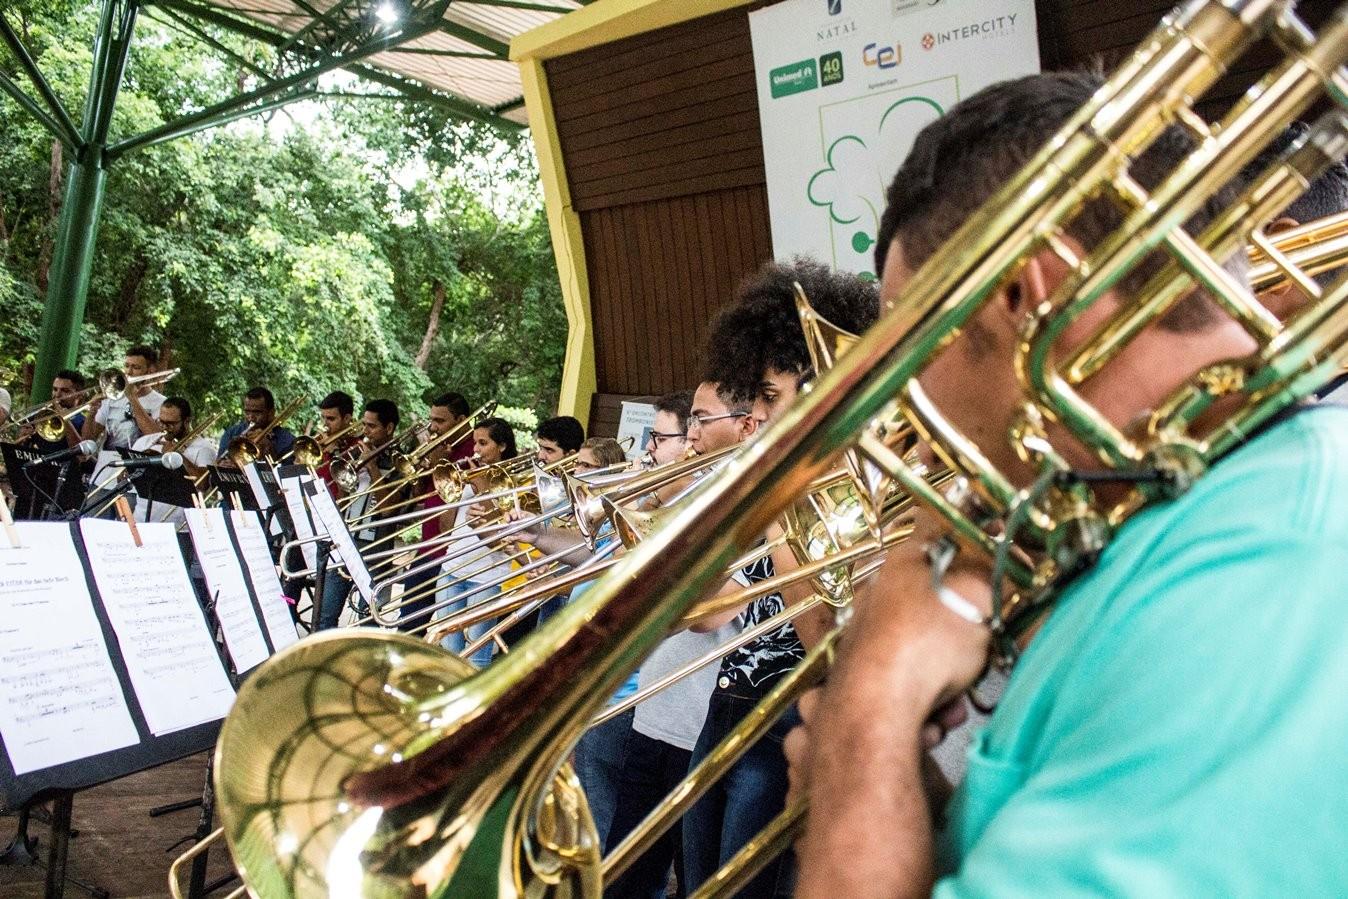 Encontro de trombonistas e espetáculo teatral são atrações do domingo (21) no Parque das Dunas em Natal